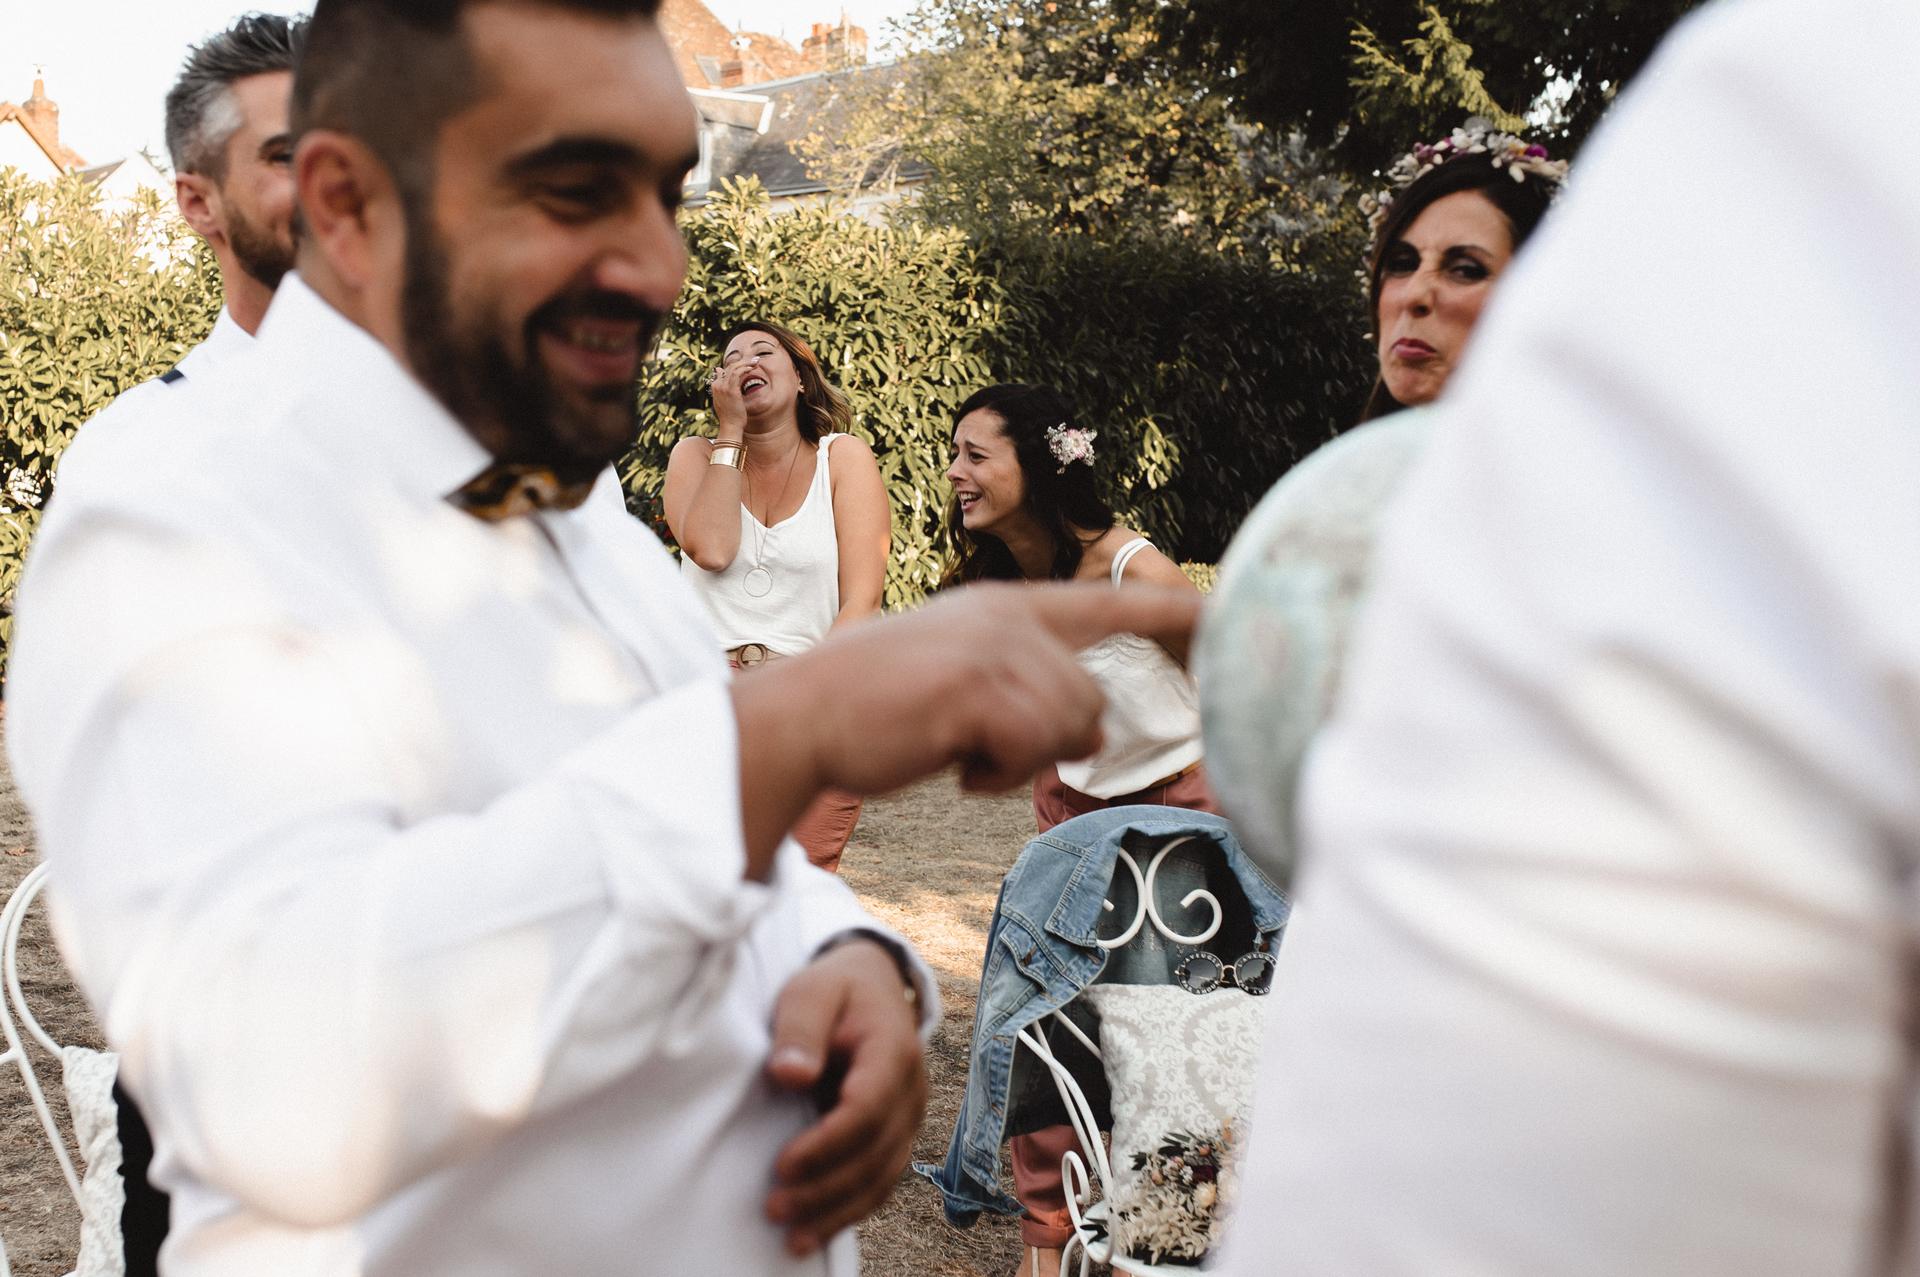 法国婚礼形象| 这对夫妇在他们的活动中加入了Mappemonde仪式